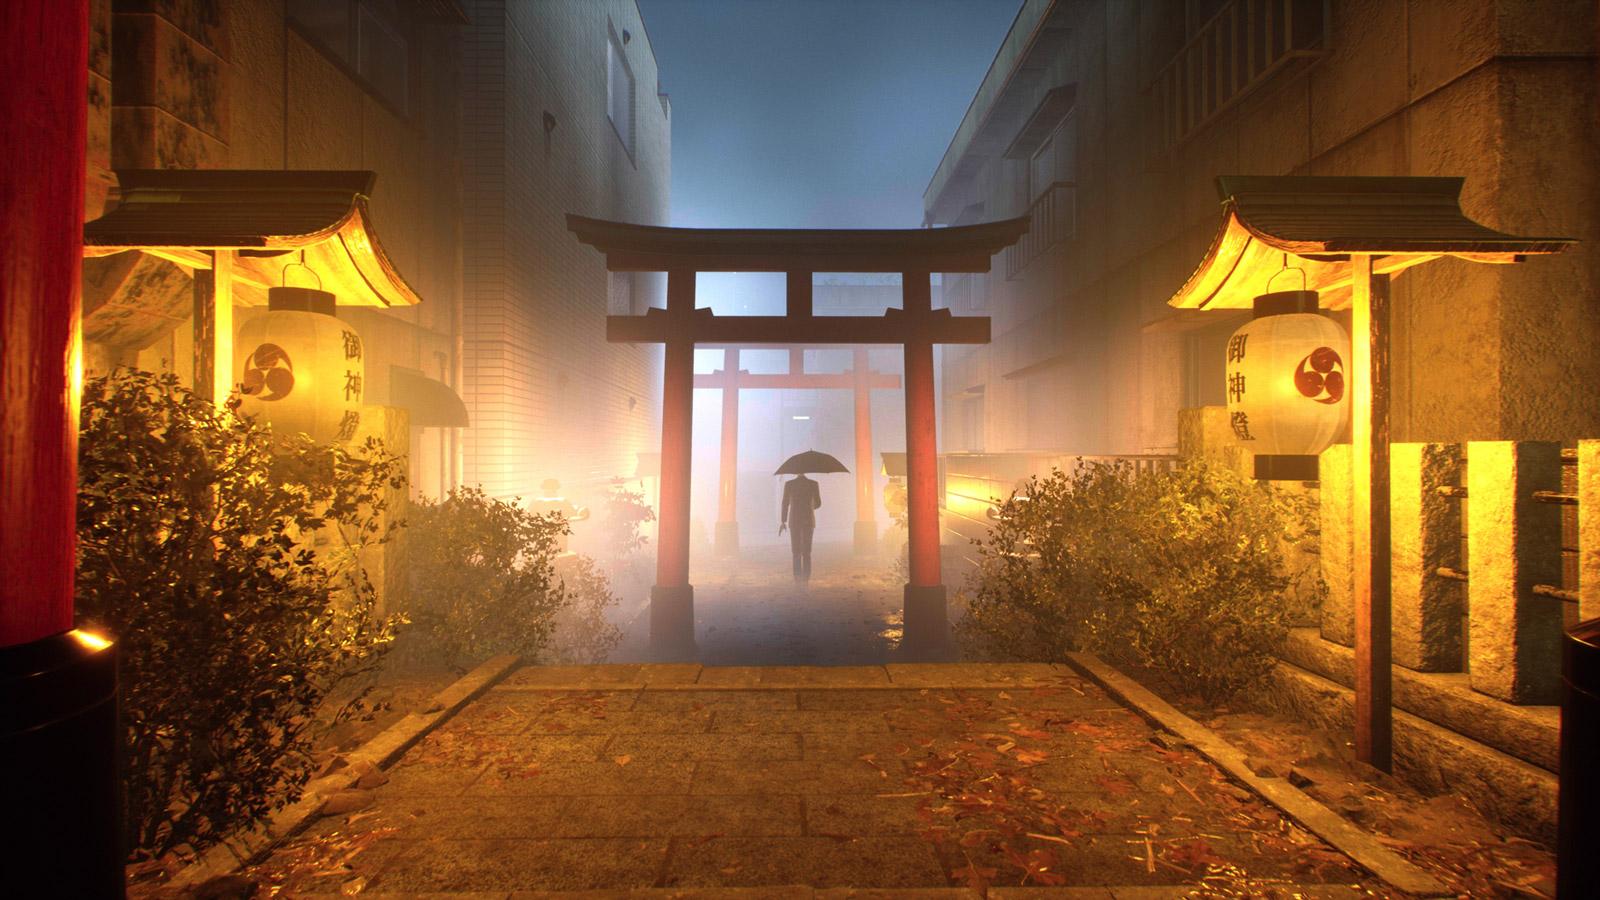 Free GhostWire: Tokyo Wallpaper in 1600x900